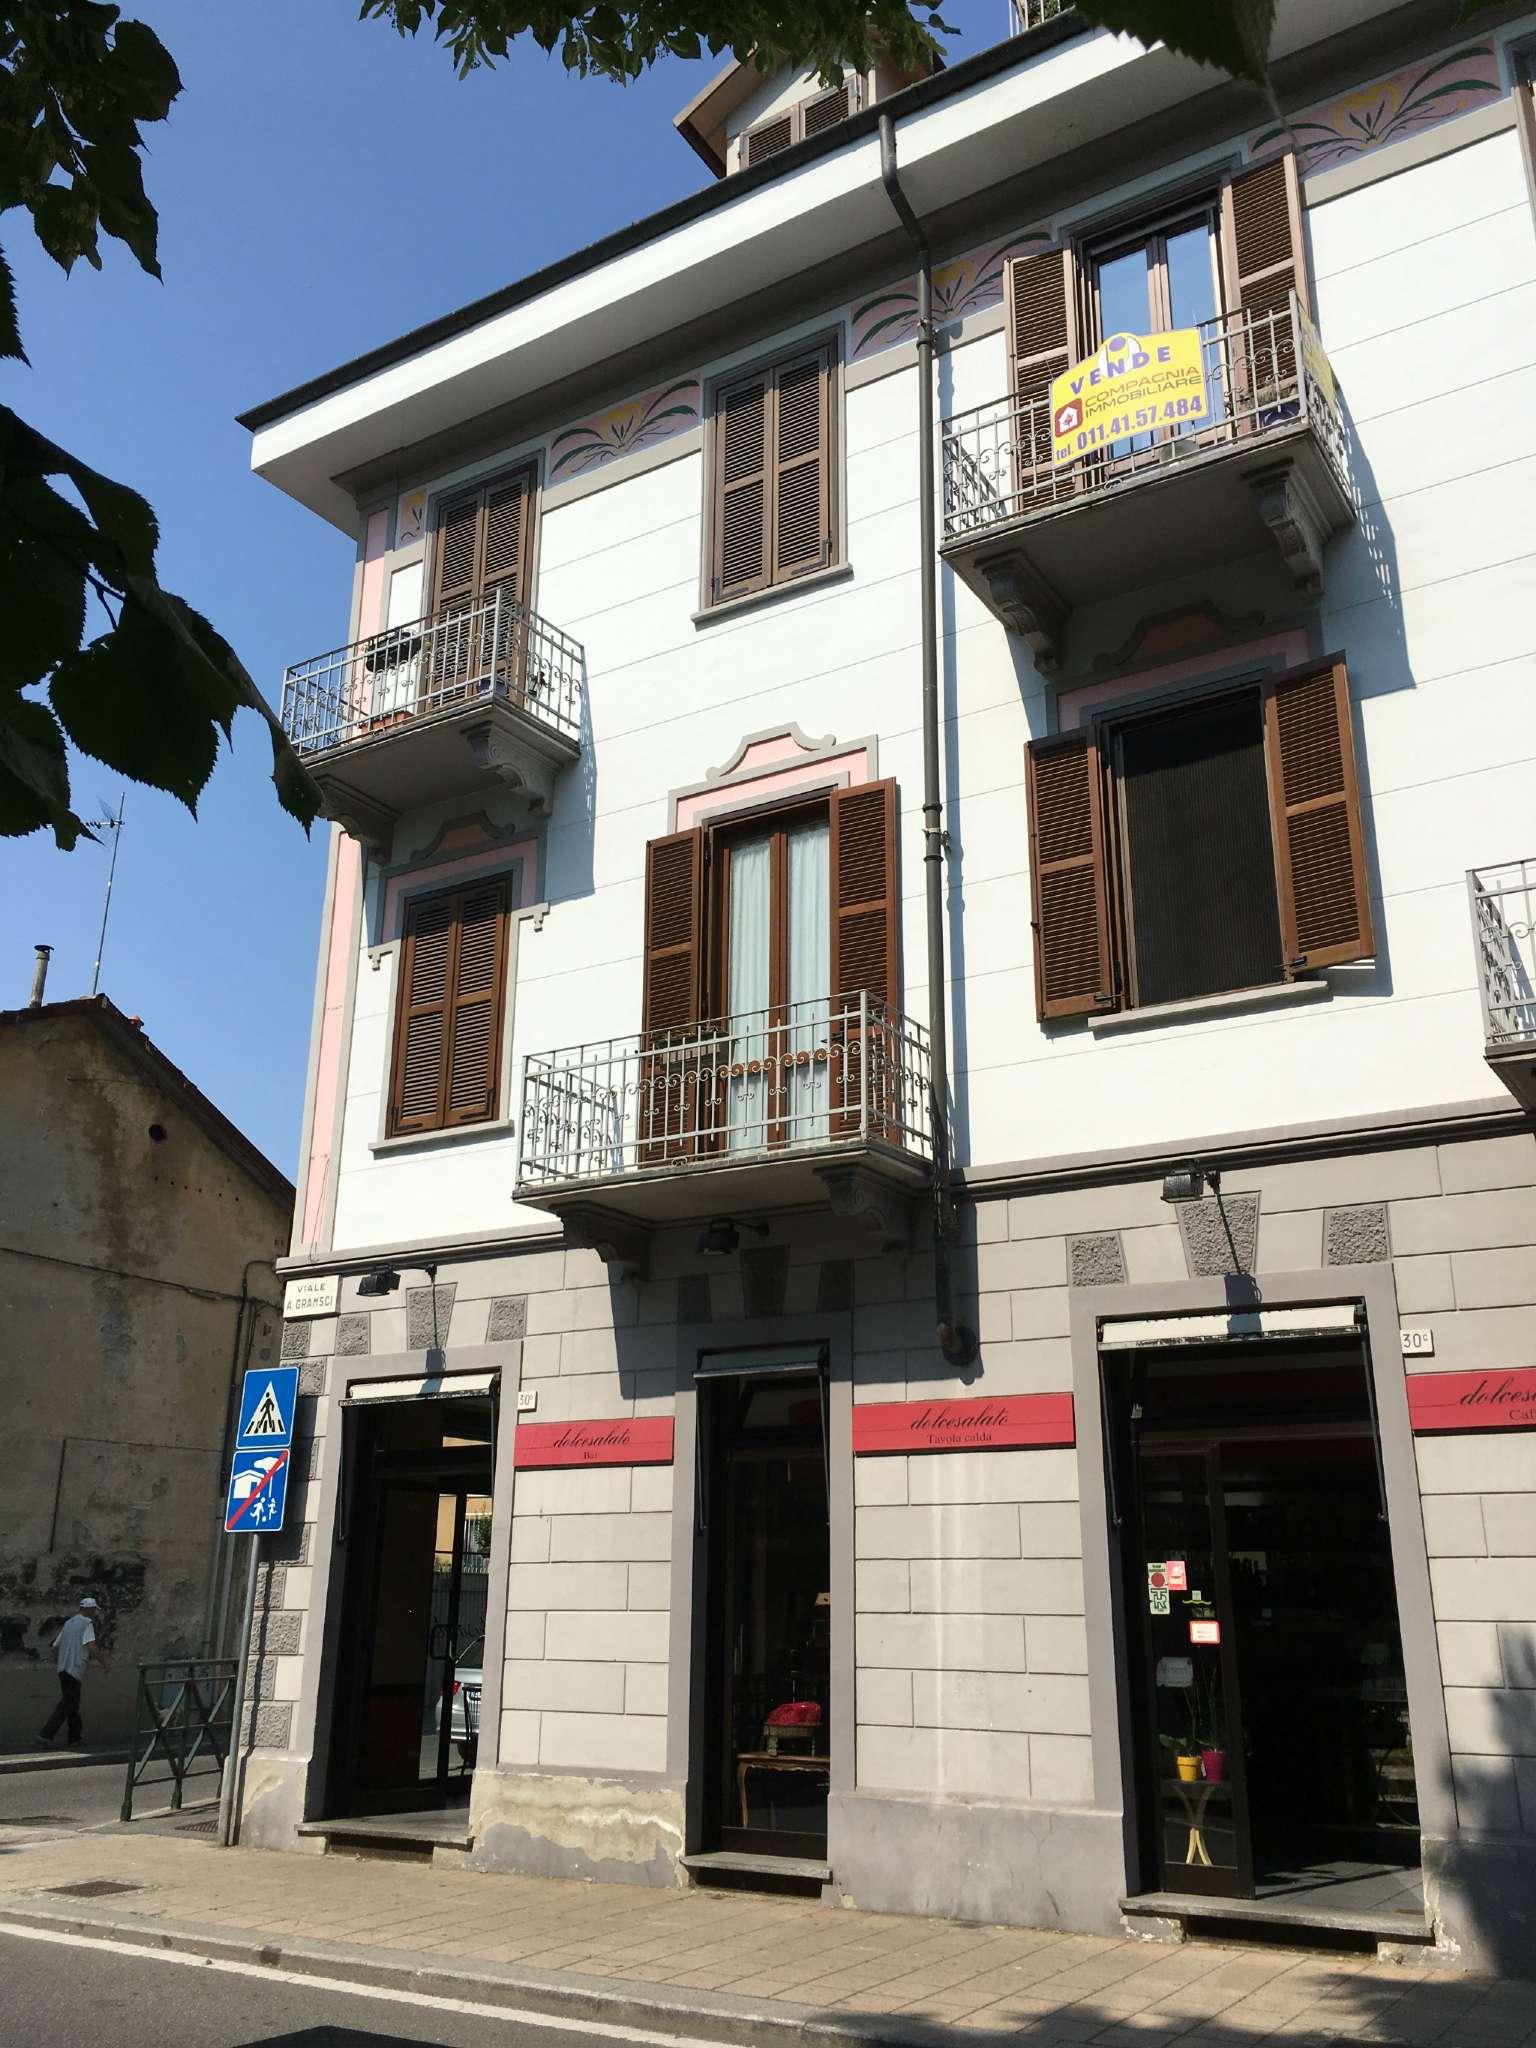 Negozio / Locale in affitto a Collegno, 3 locali, prezzo € 1.300 | CambioCasa.it